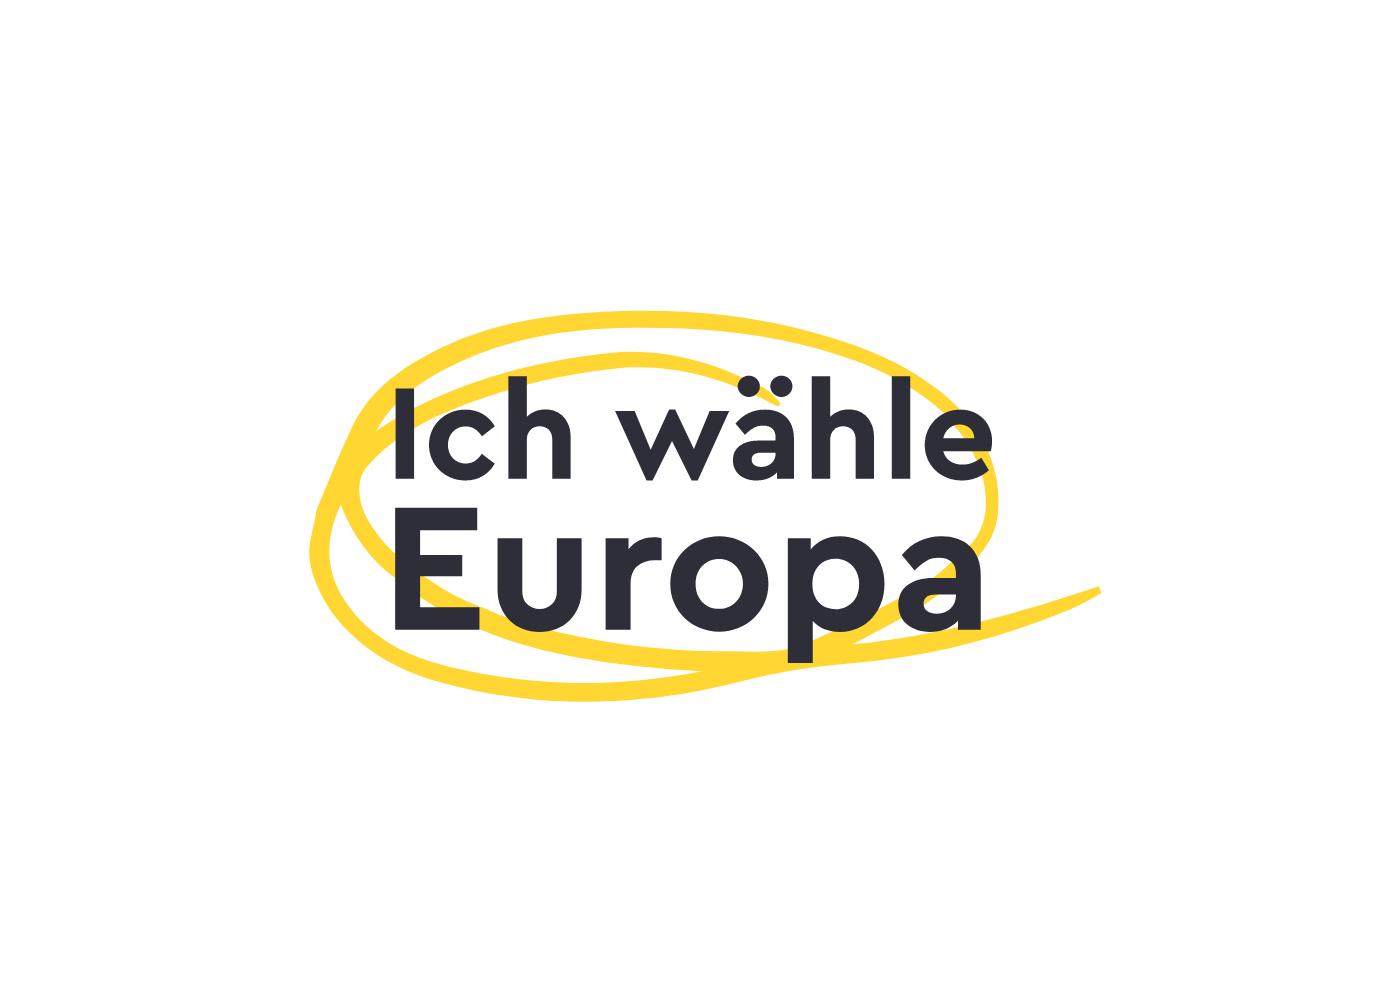 Ich wähle Europa Logodesign